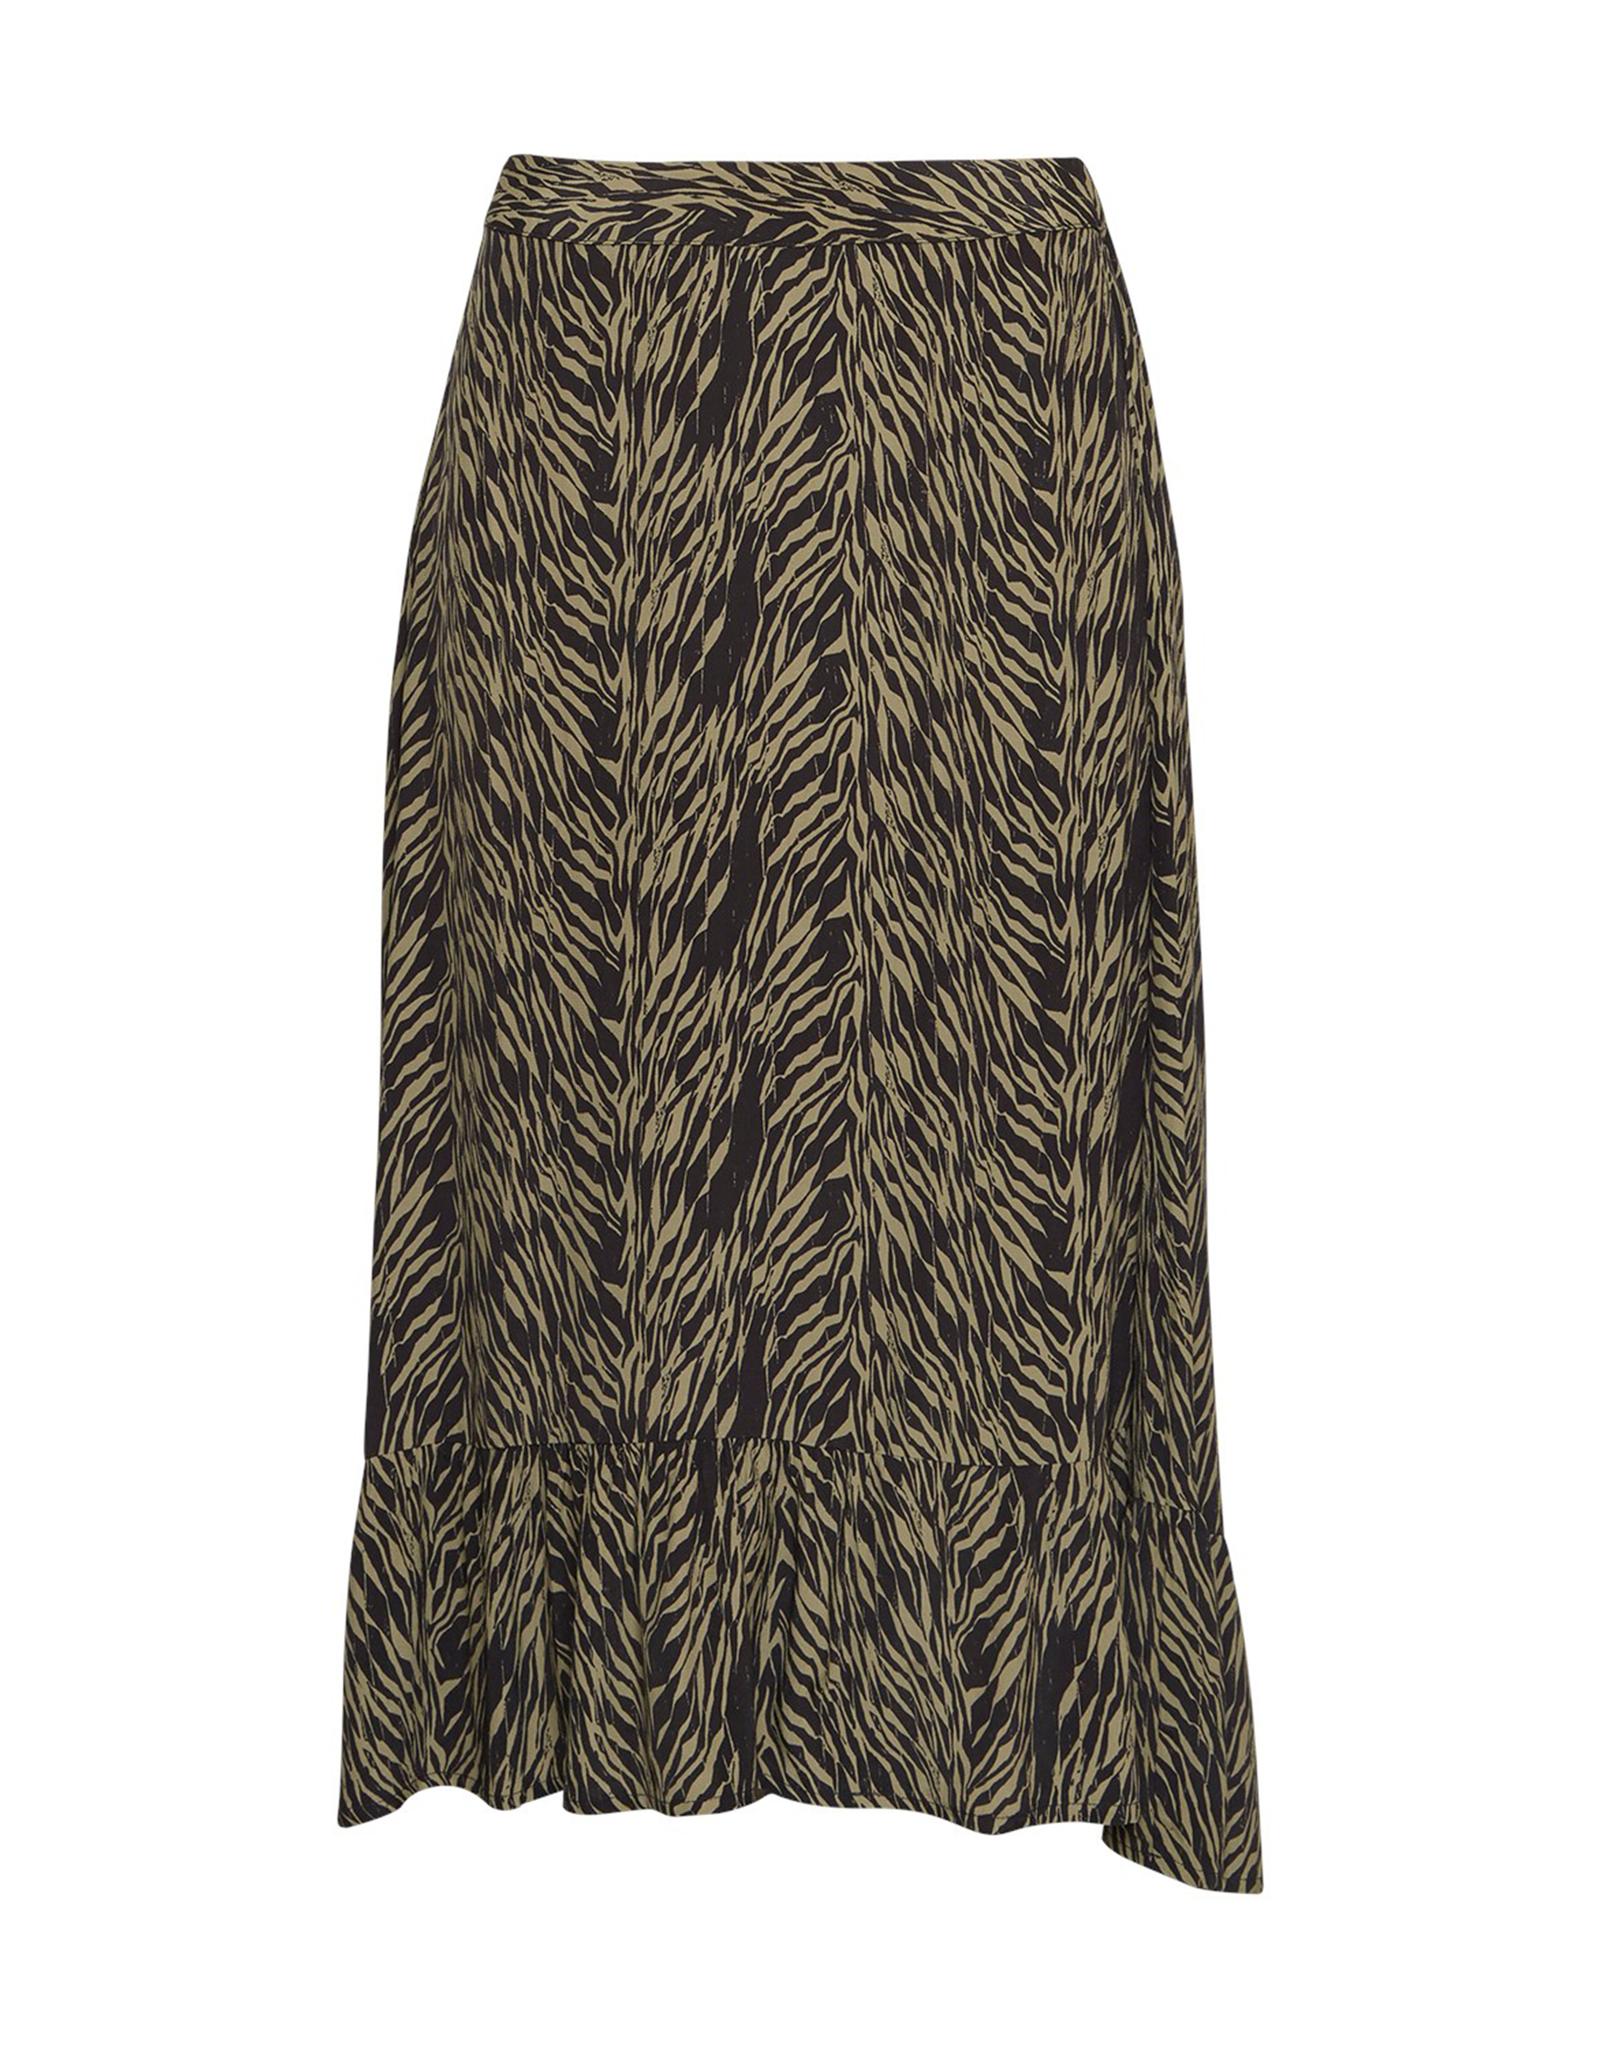 Moss Copenhagen Moss Copenhagen - Calie Morocco Skirt